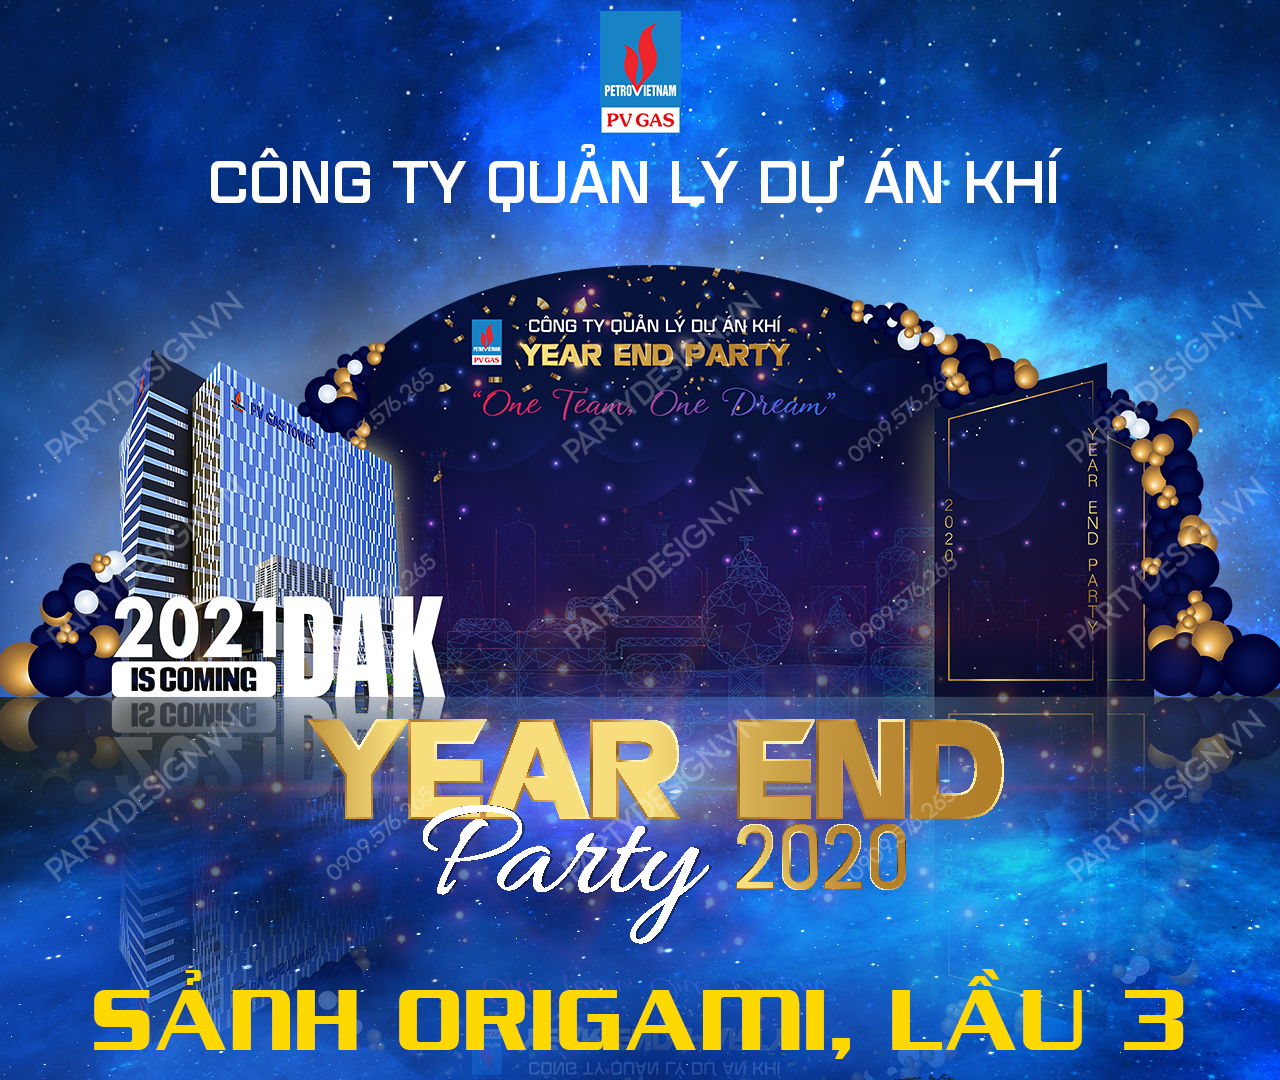 Thiết kế hình ảnh Year End Party chiếu tại sảnh khách sạn, thang máy kích thước 1280 x 1080